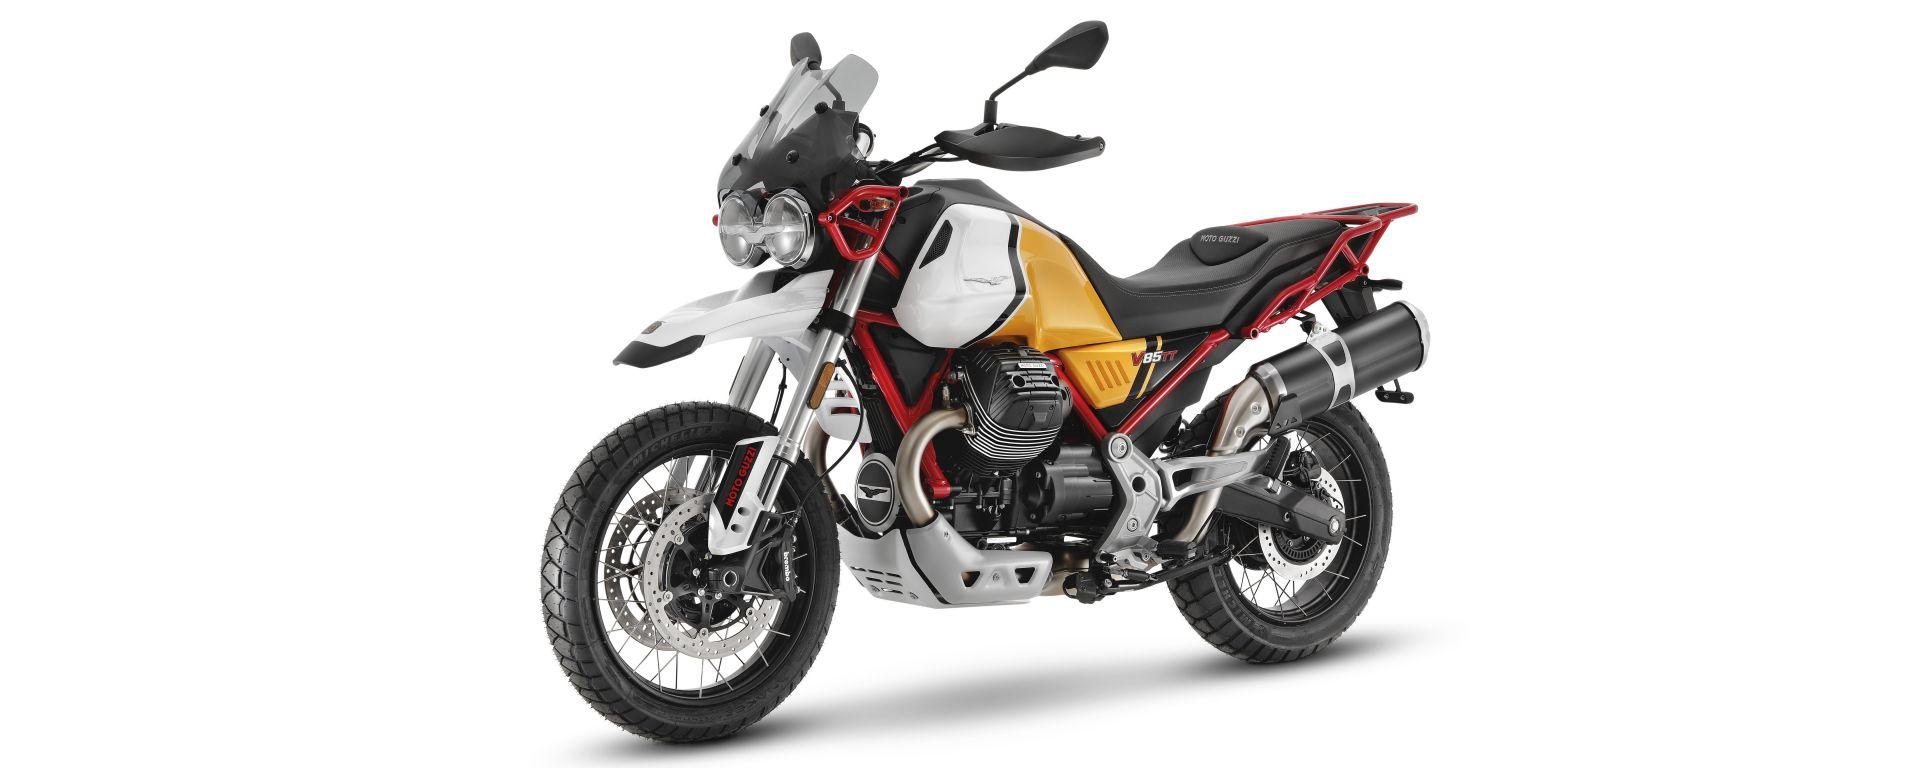 Moto Guzzi V85 TT 2021: le novità